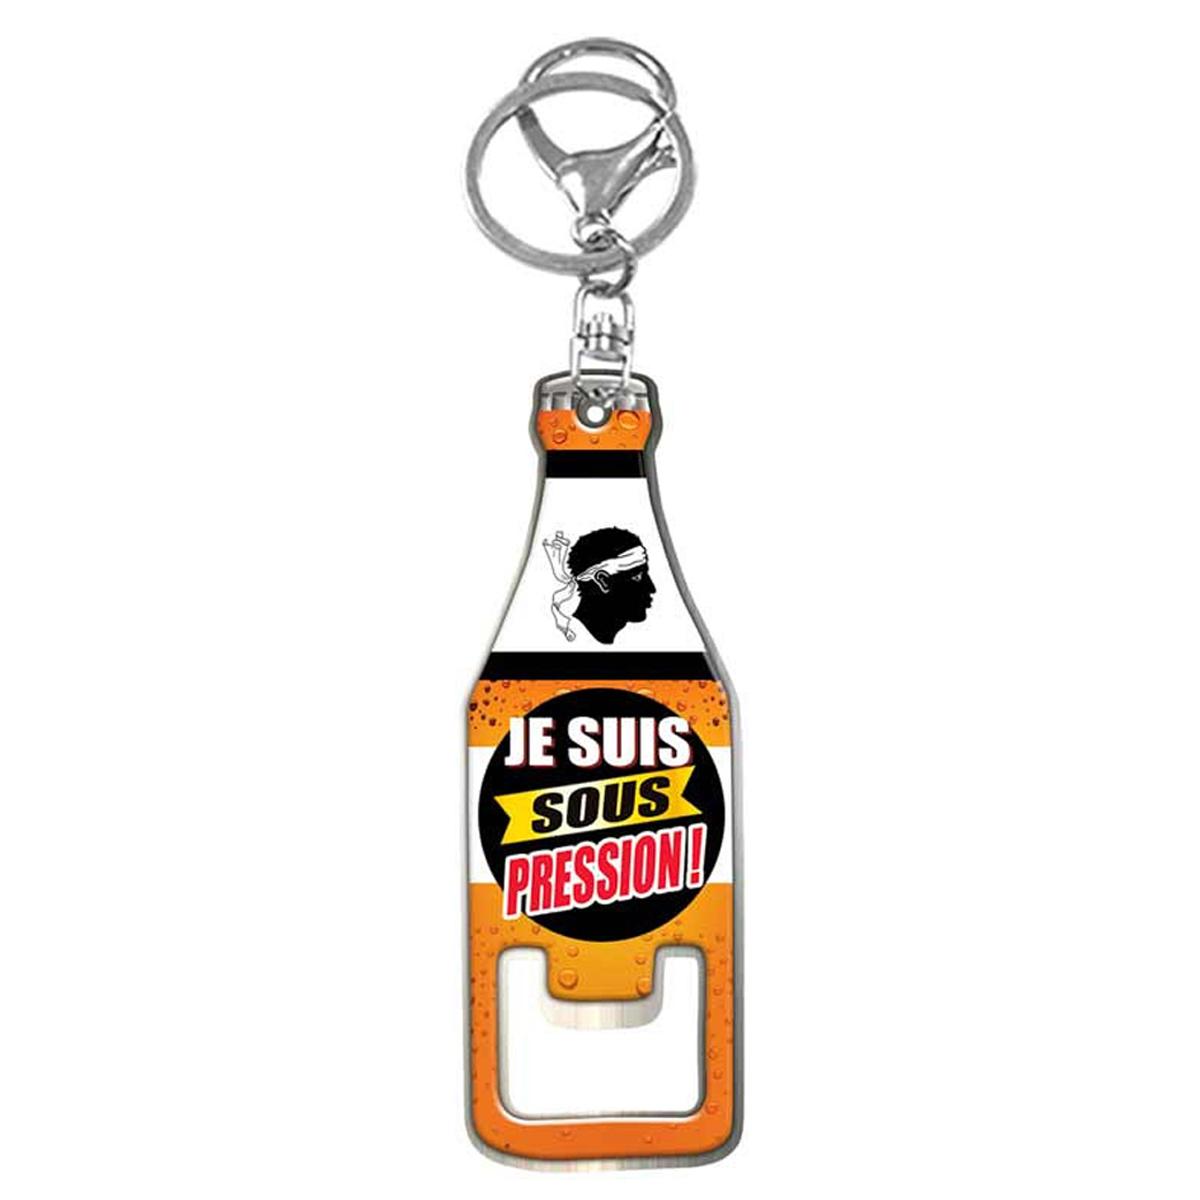 Porte-Clés décapsuleur \'Corse\' orange (Je suis sous pression !) - 85x28 mm - [R1637]